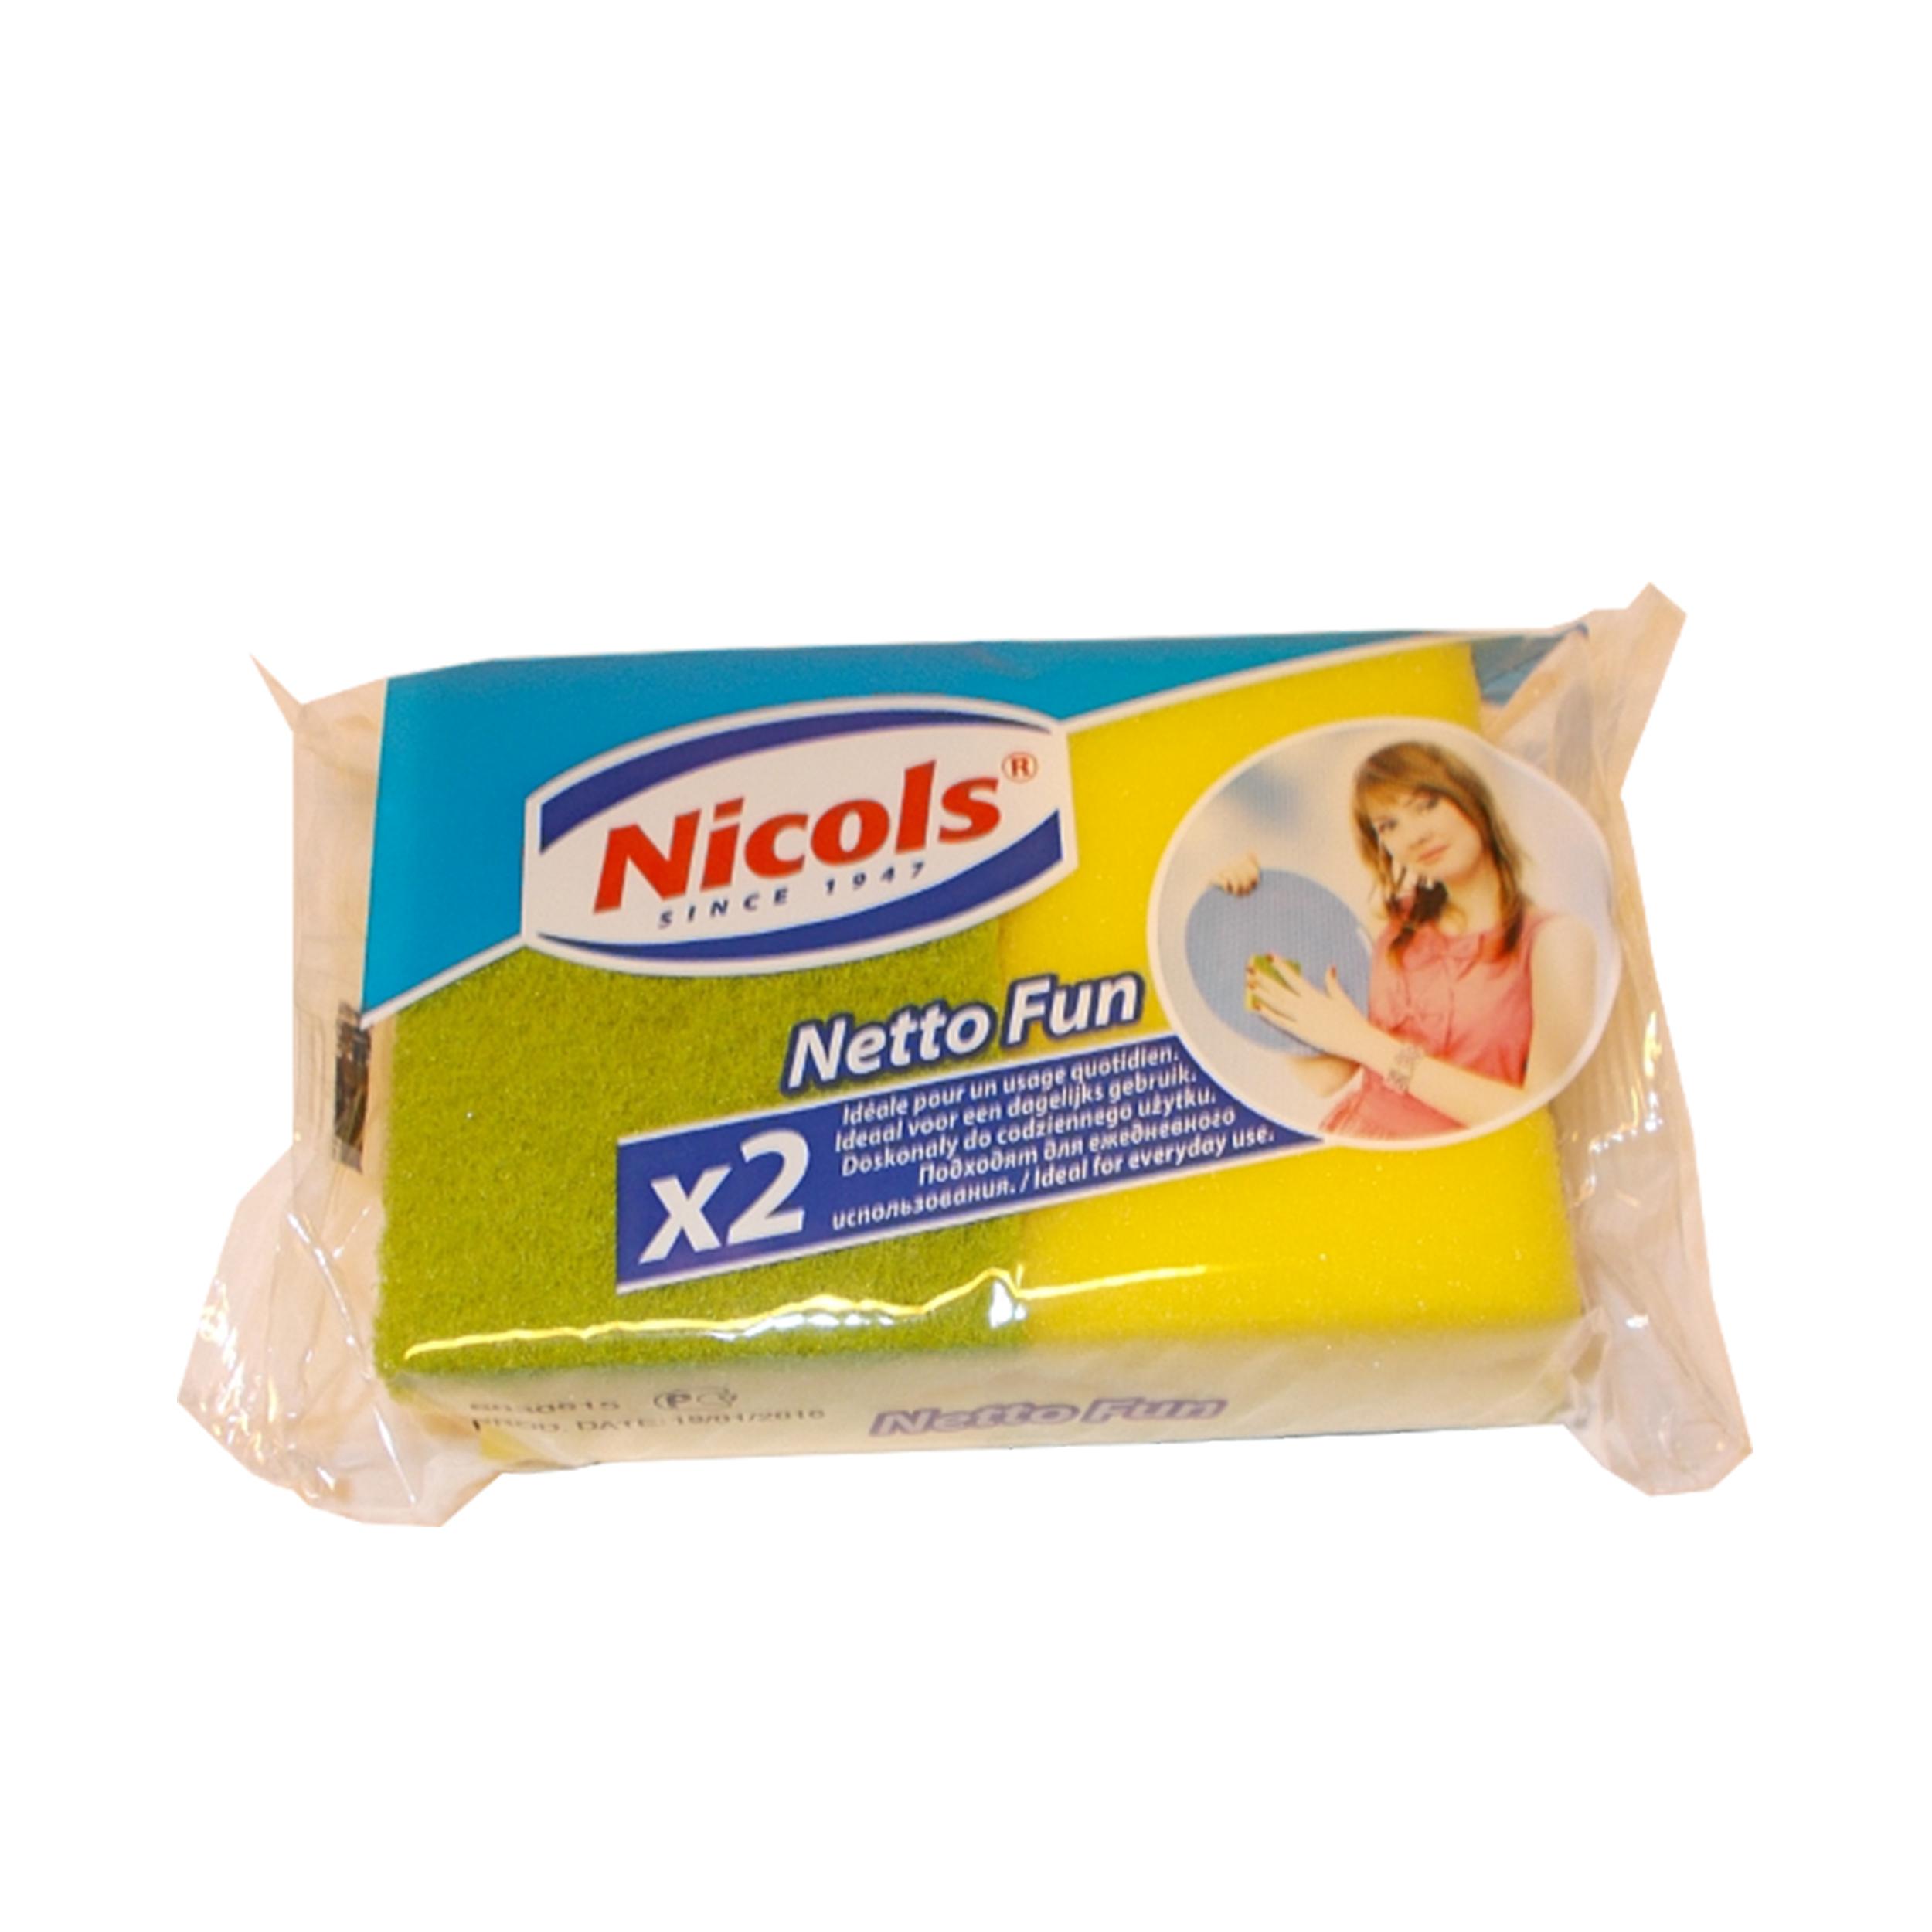 اسکاچ نیکولز مدل  netto fun بسته 2 عددی